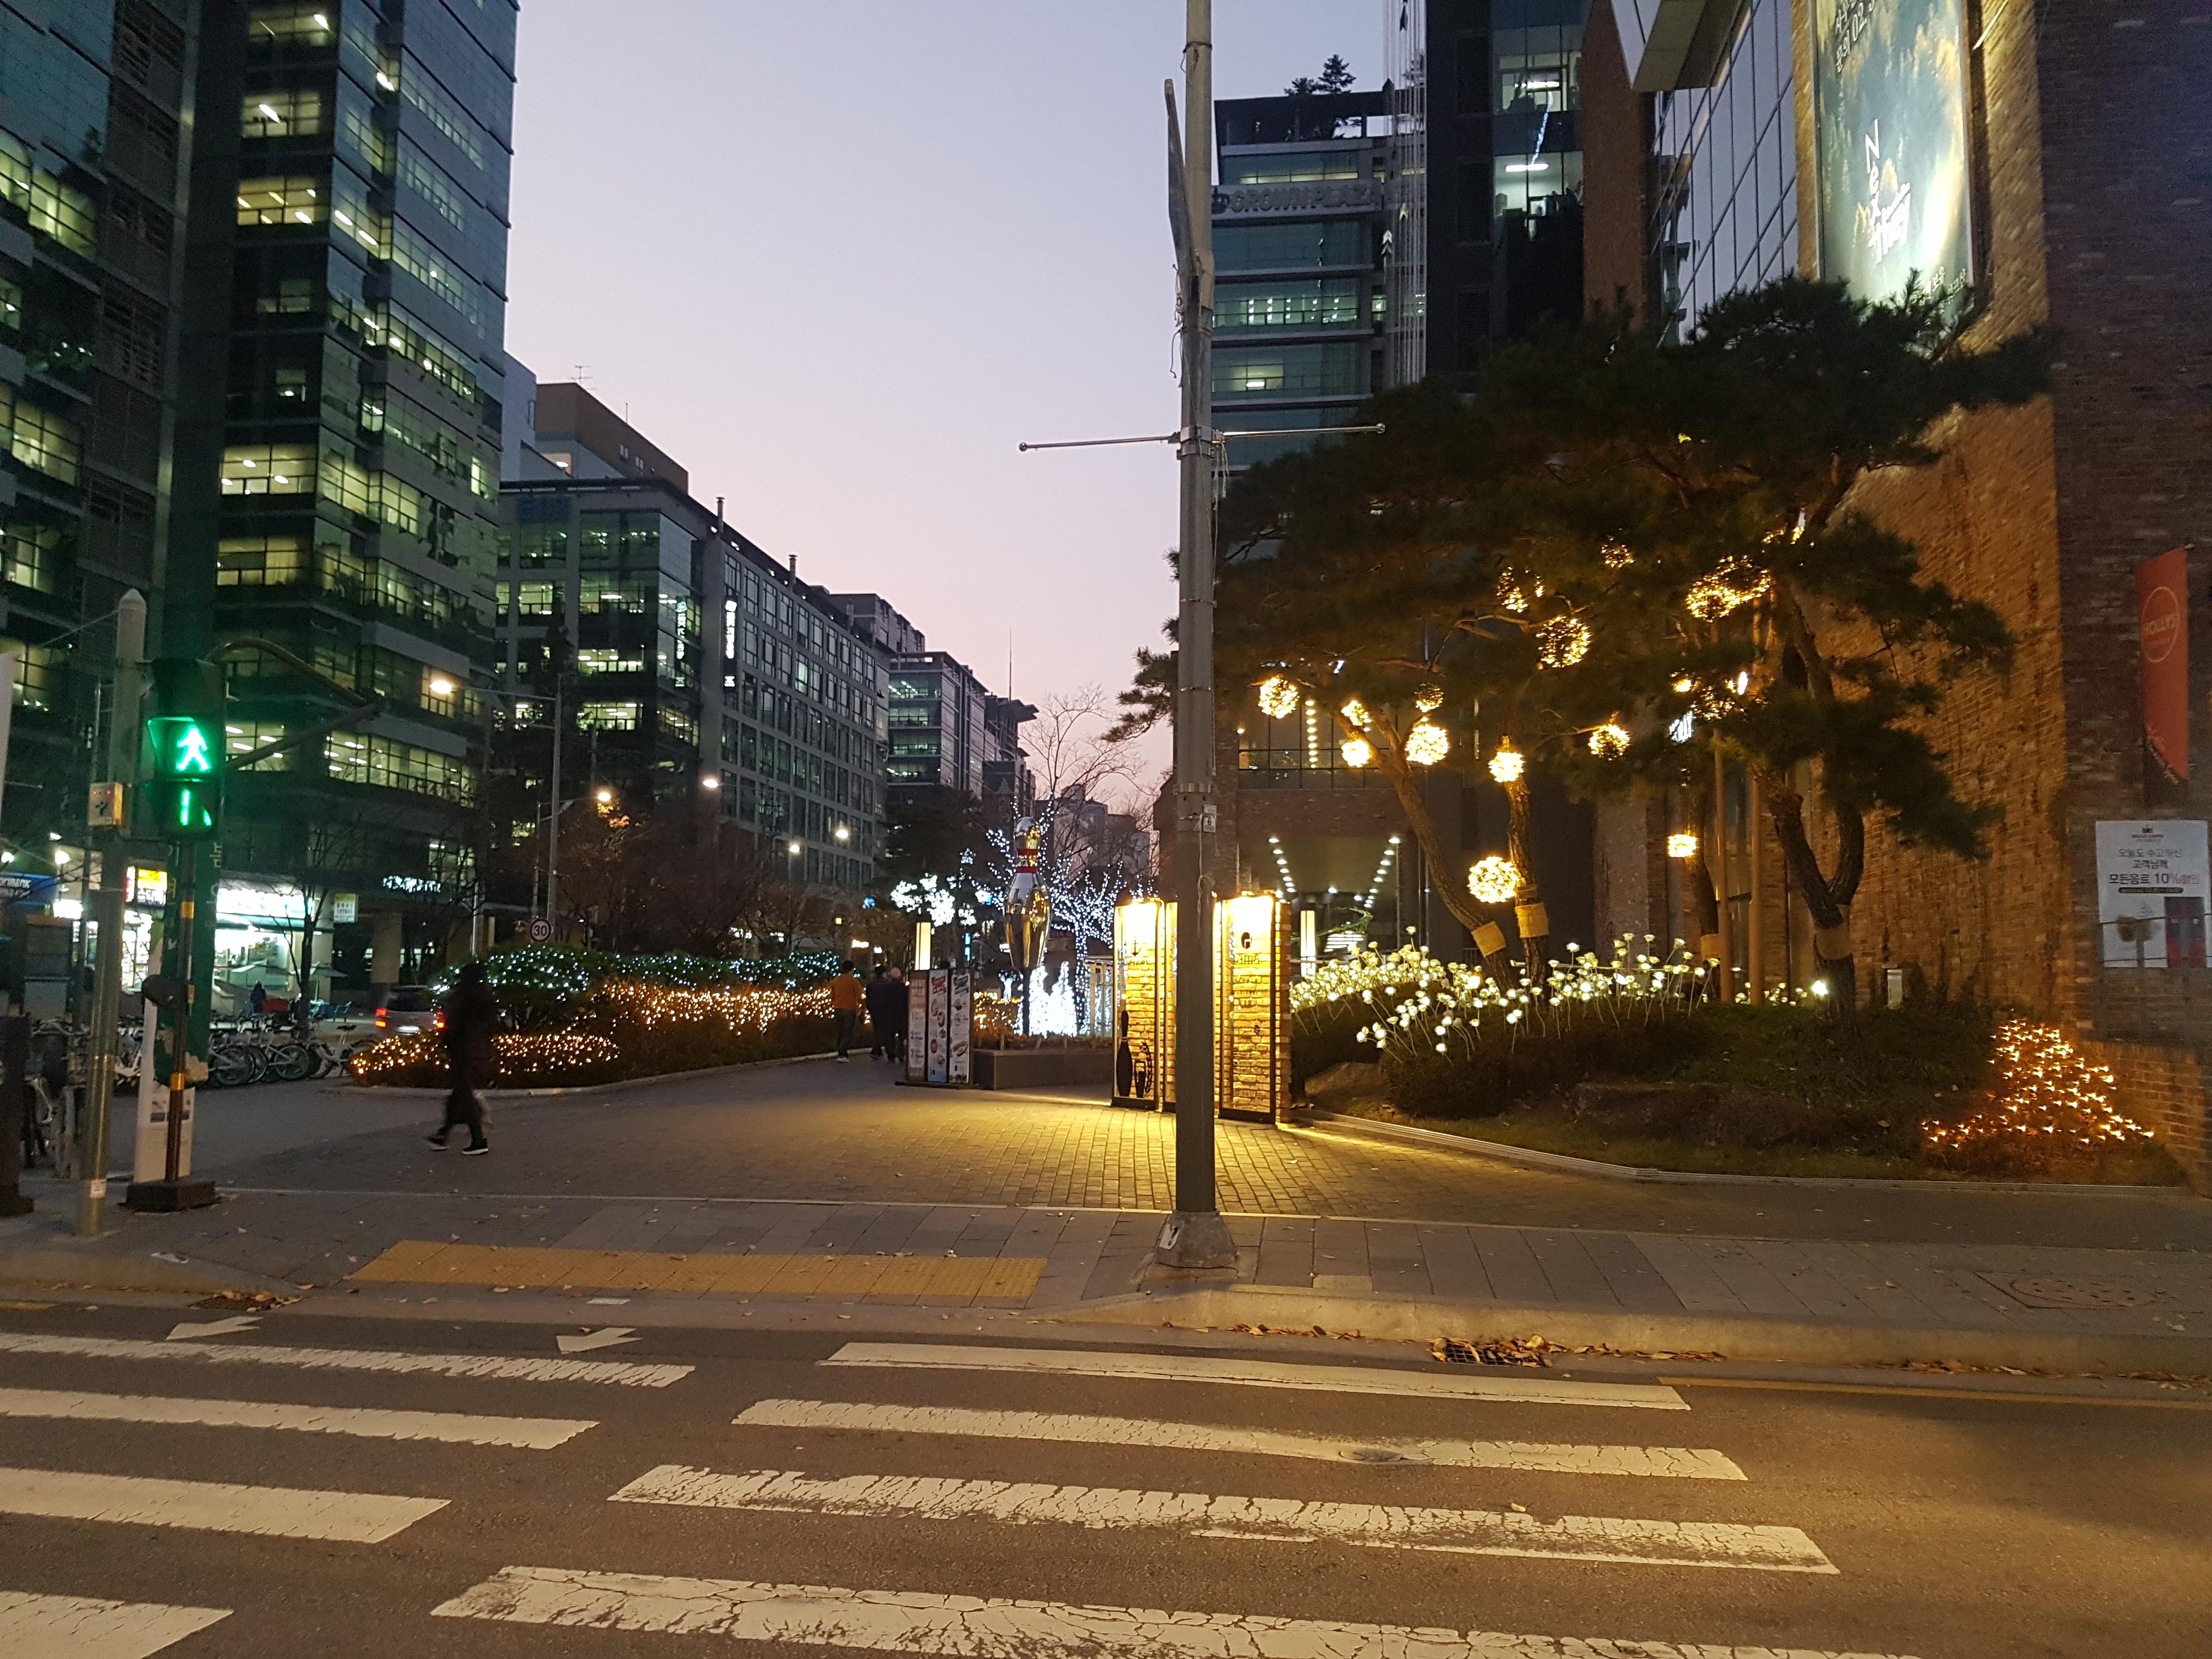 건물 앞 근사한 야경 : 크리스마스와 연말 분위기 느껴진다